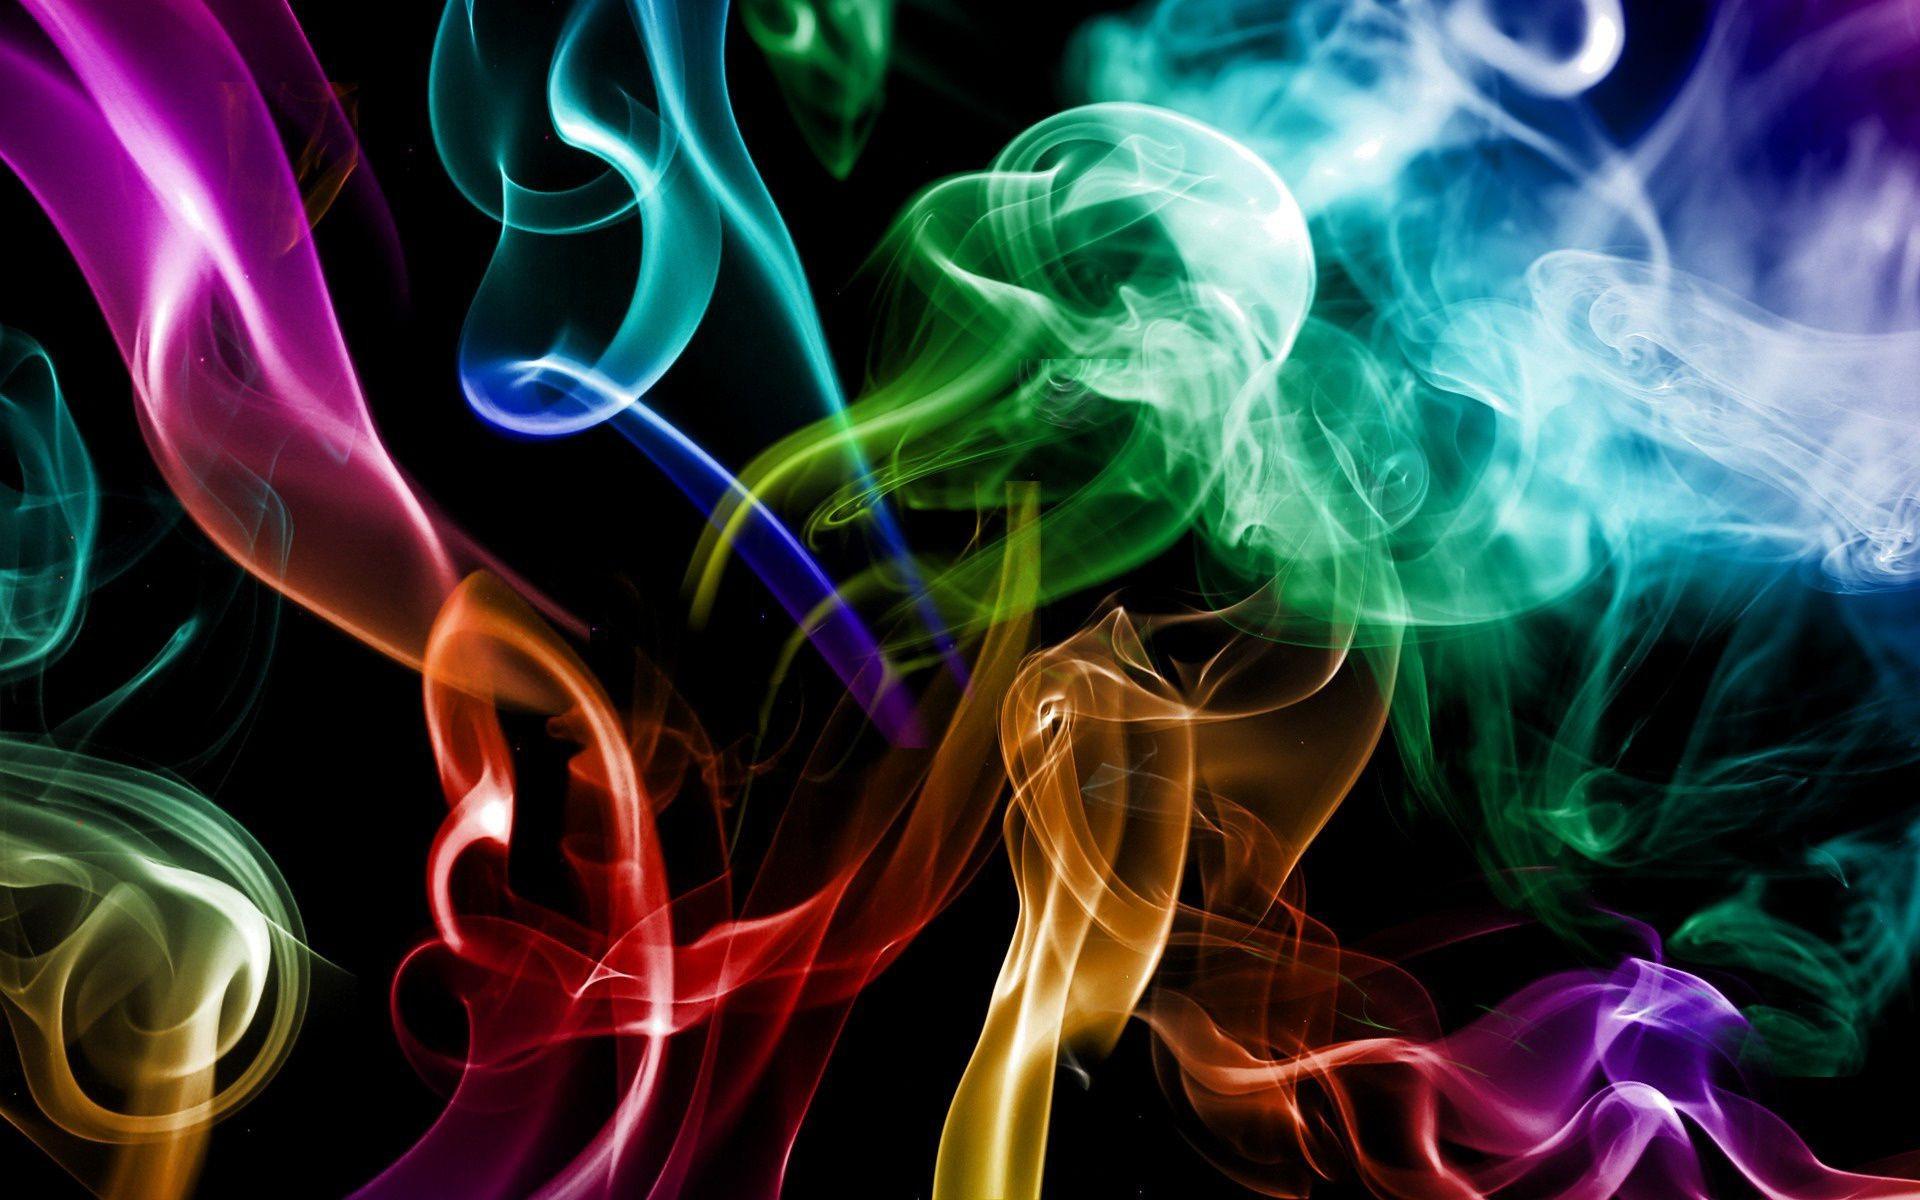 дымные картинки на рабочий стол актуальные отзывы